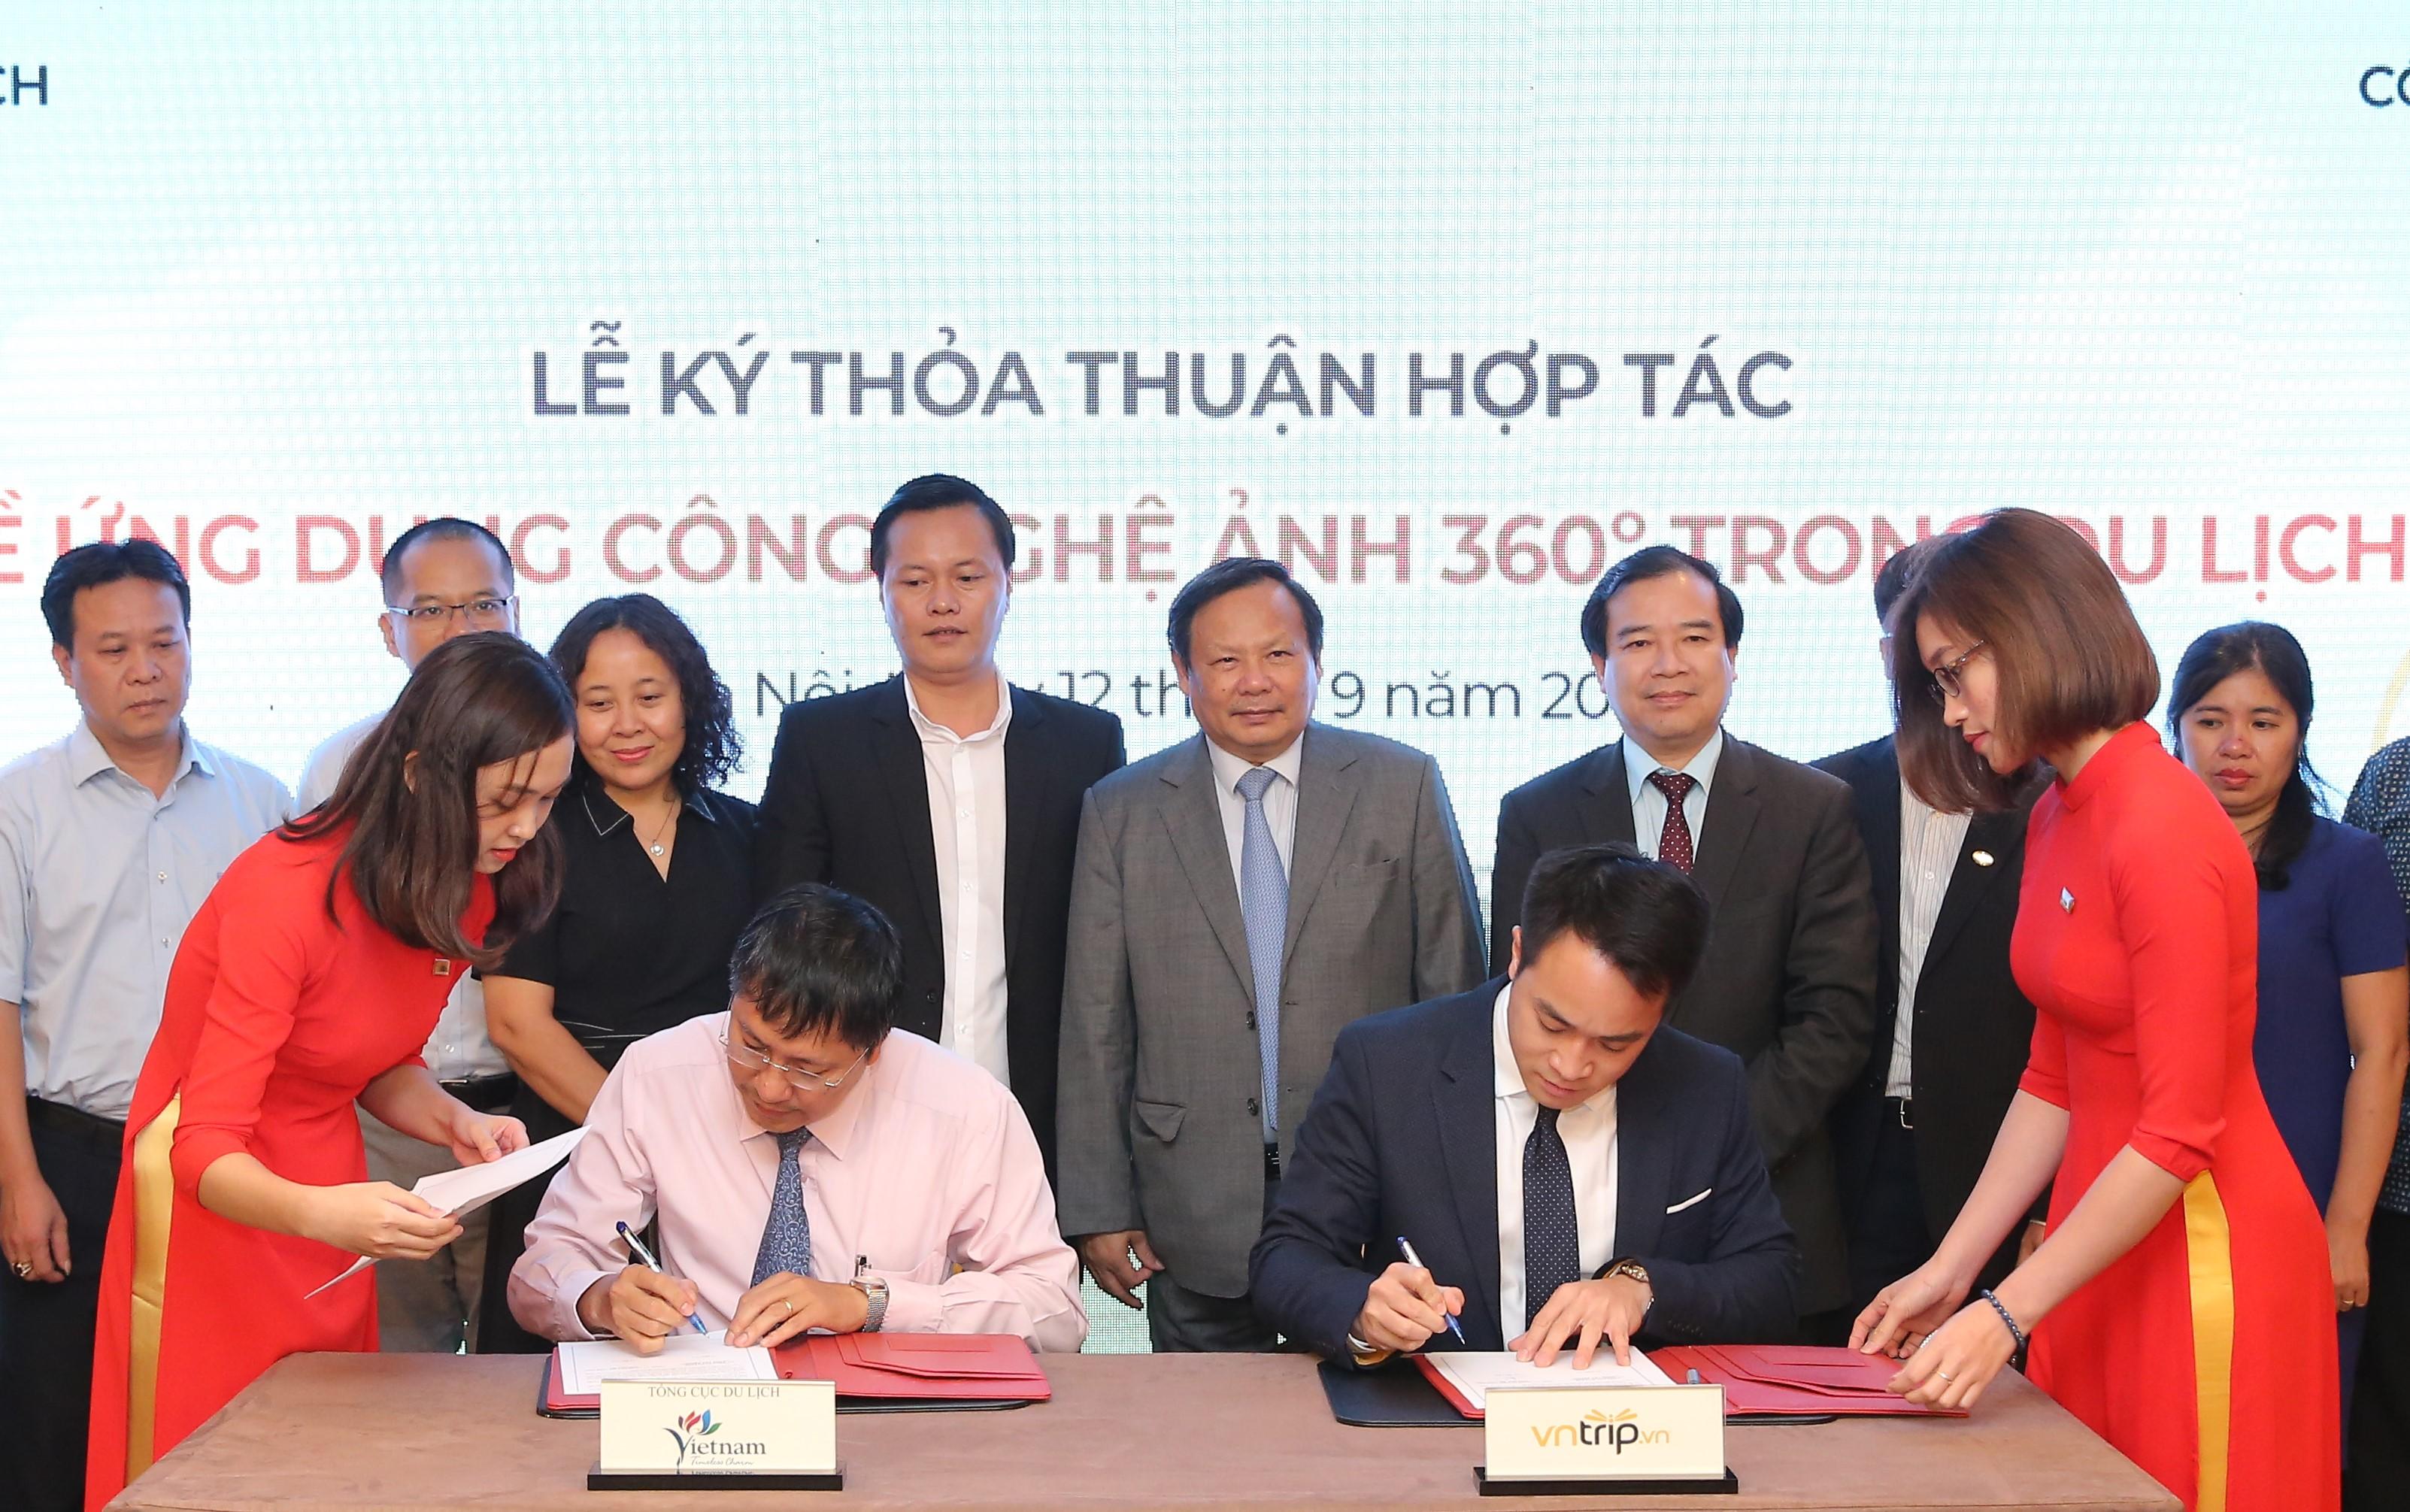 """Tổng cục Du lịch và Công ty Cổ phần Việt Nam Trip (VnTrip) ký thỏa thuận hợp tác về triển khai """"Ứng dụng công nghệ ảnh 360 độ trong du lịch"""""""